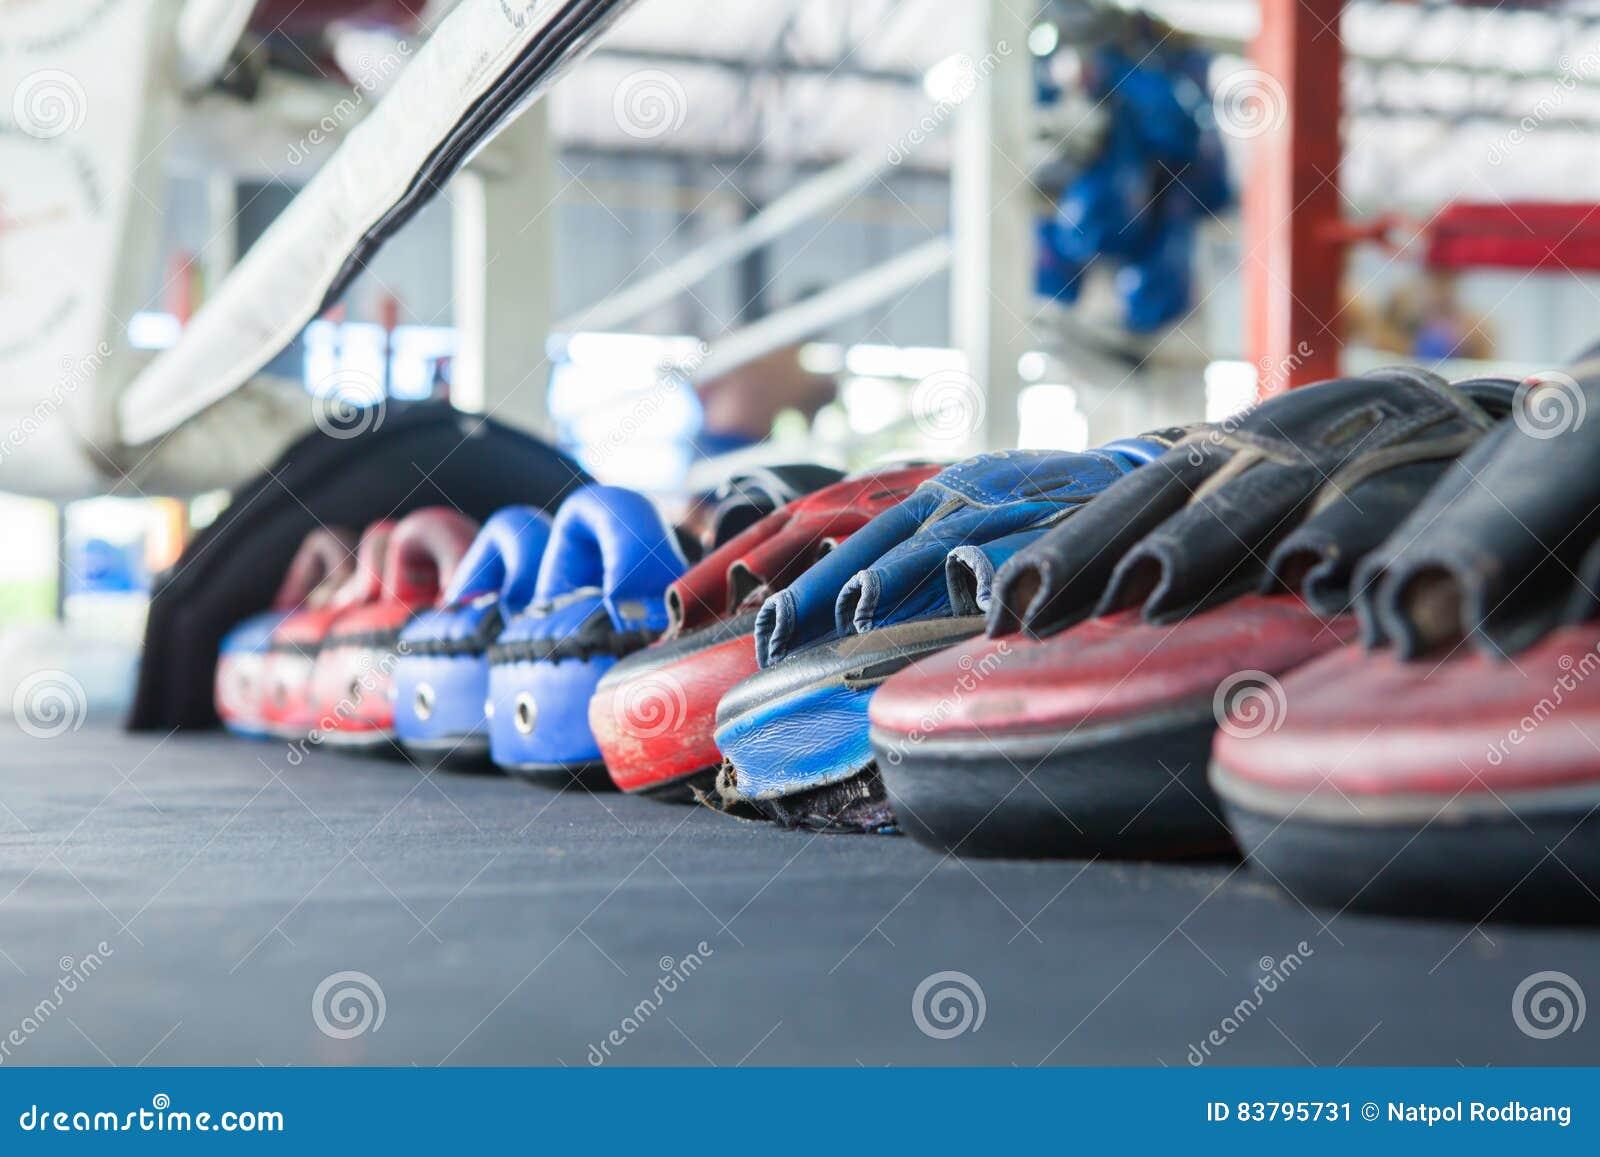 泰国拳击露指手套训练目标焦点拳打垫手套行